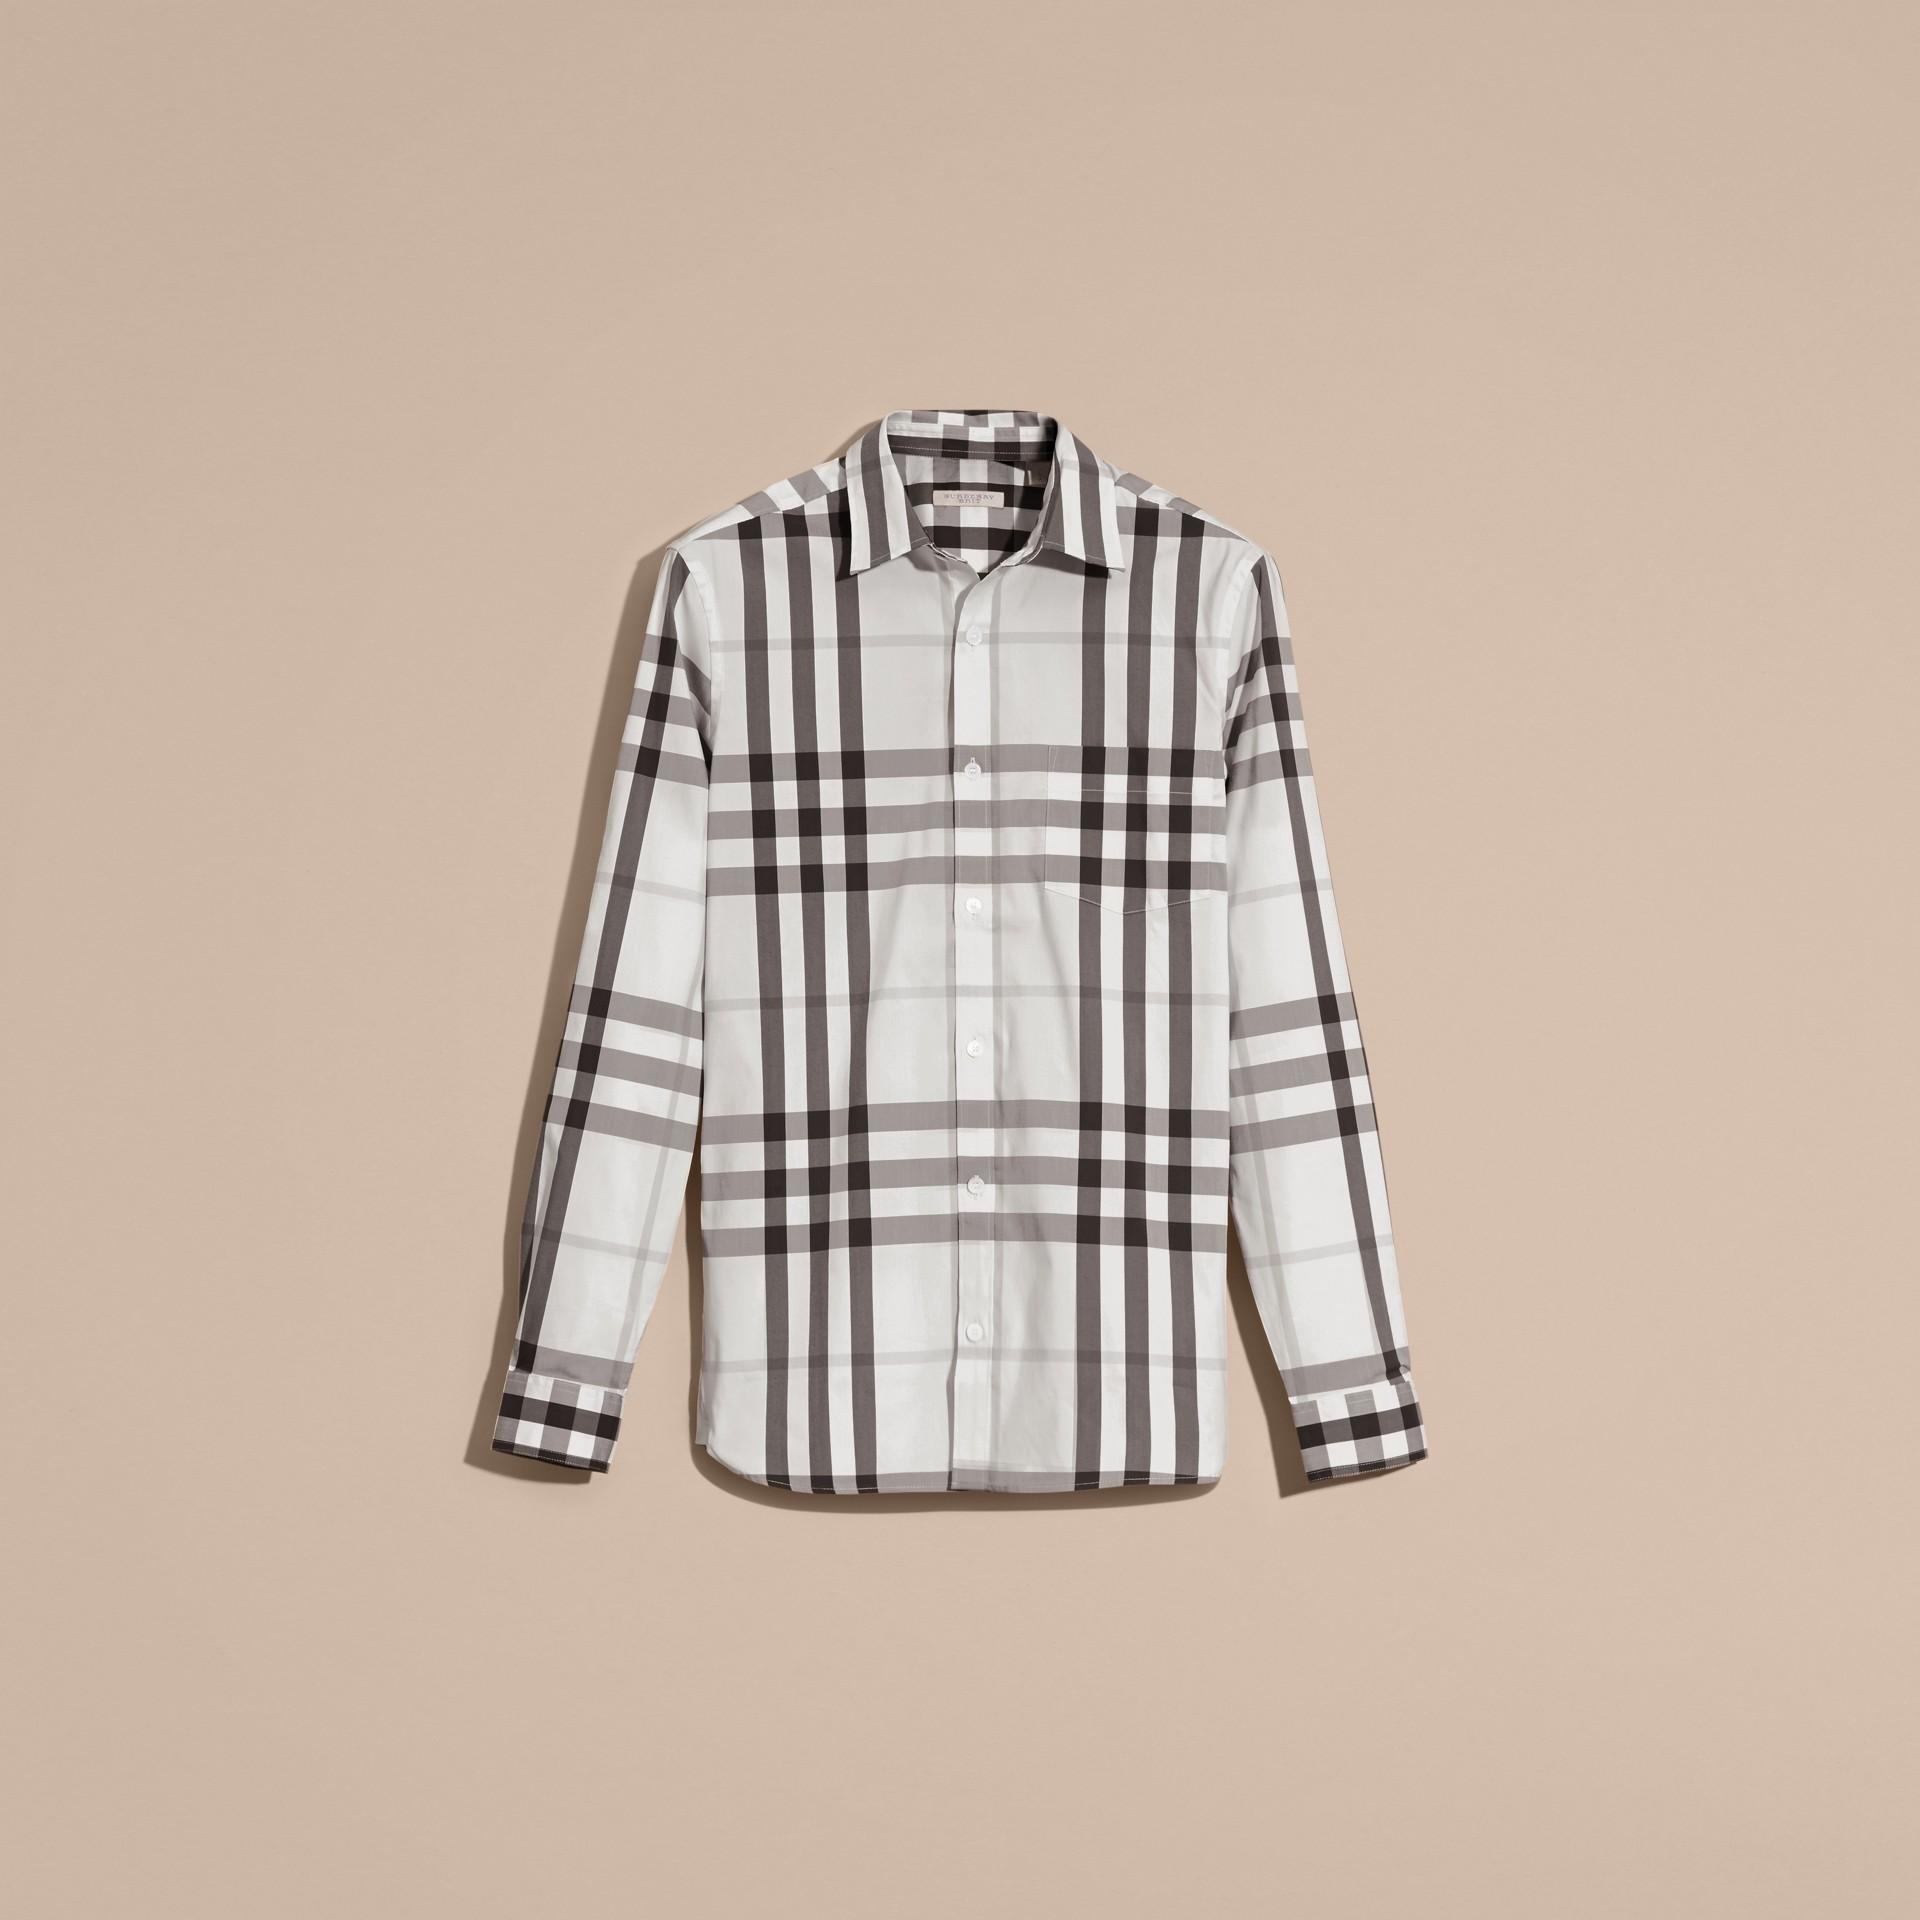 Bianco naturale Camicia in cotone stretch con motivo check Bianco Naturale - immagine della galleria 2